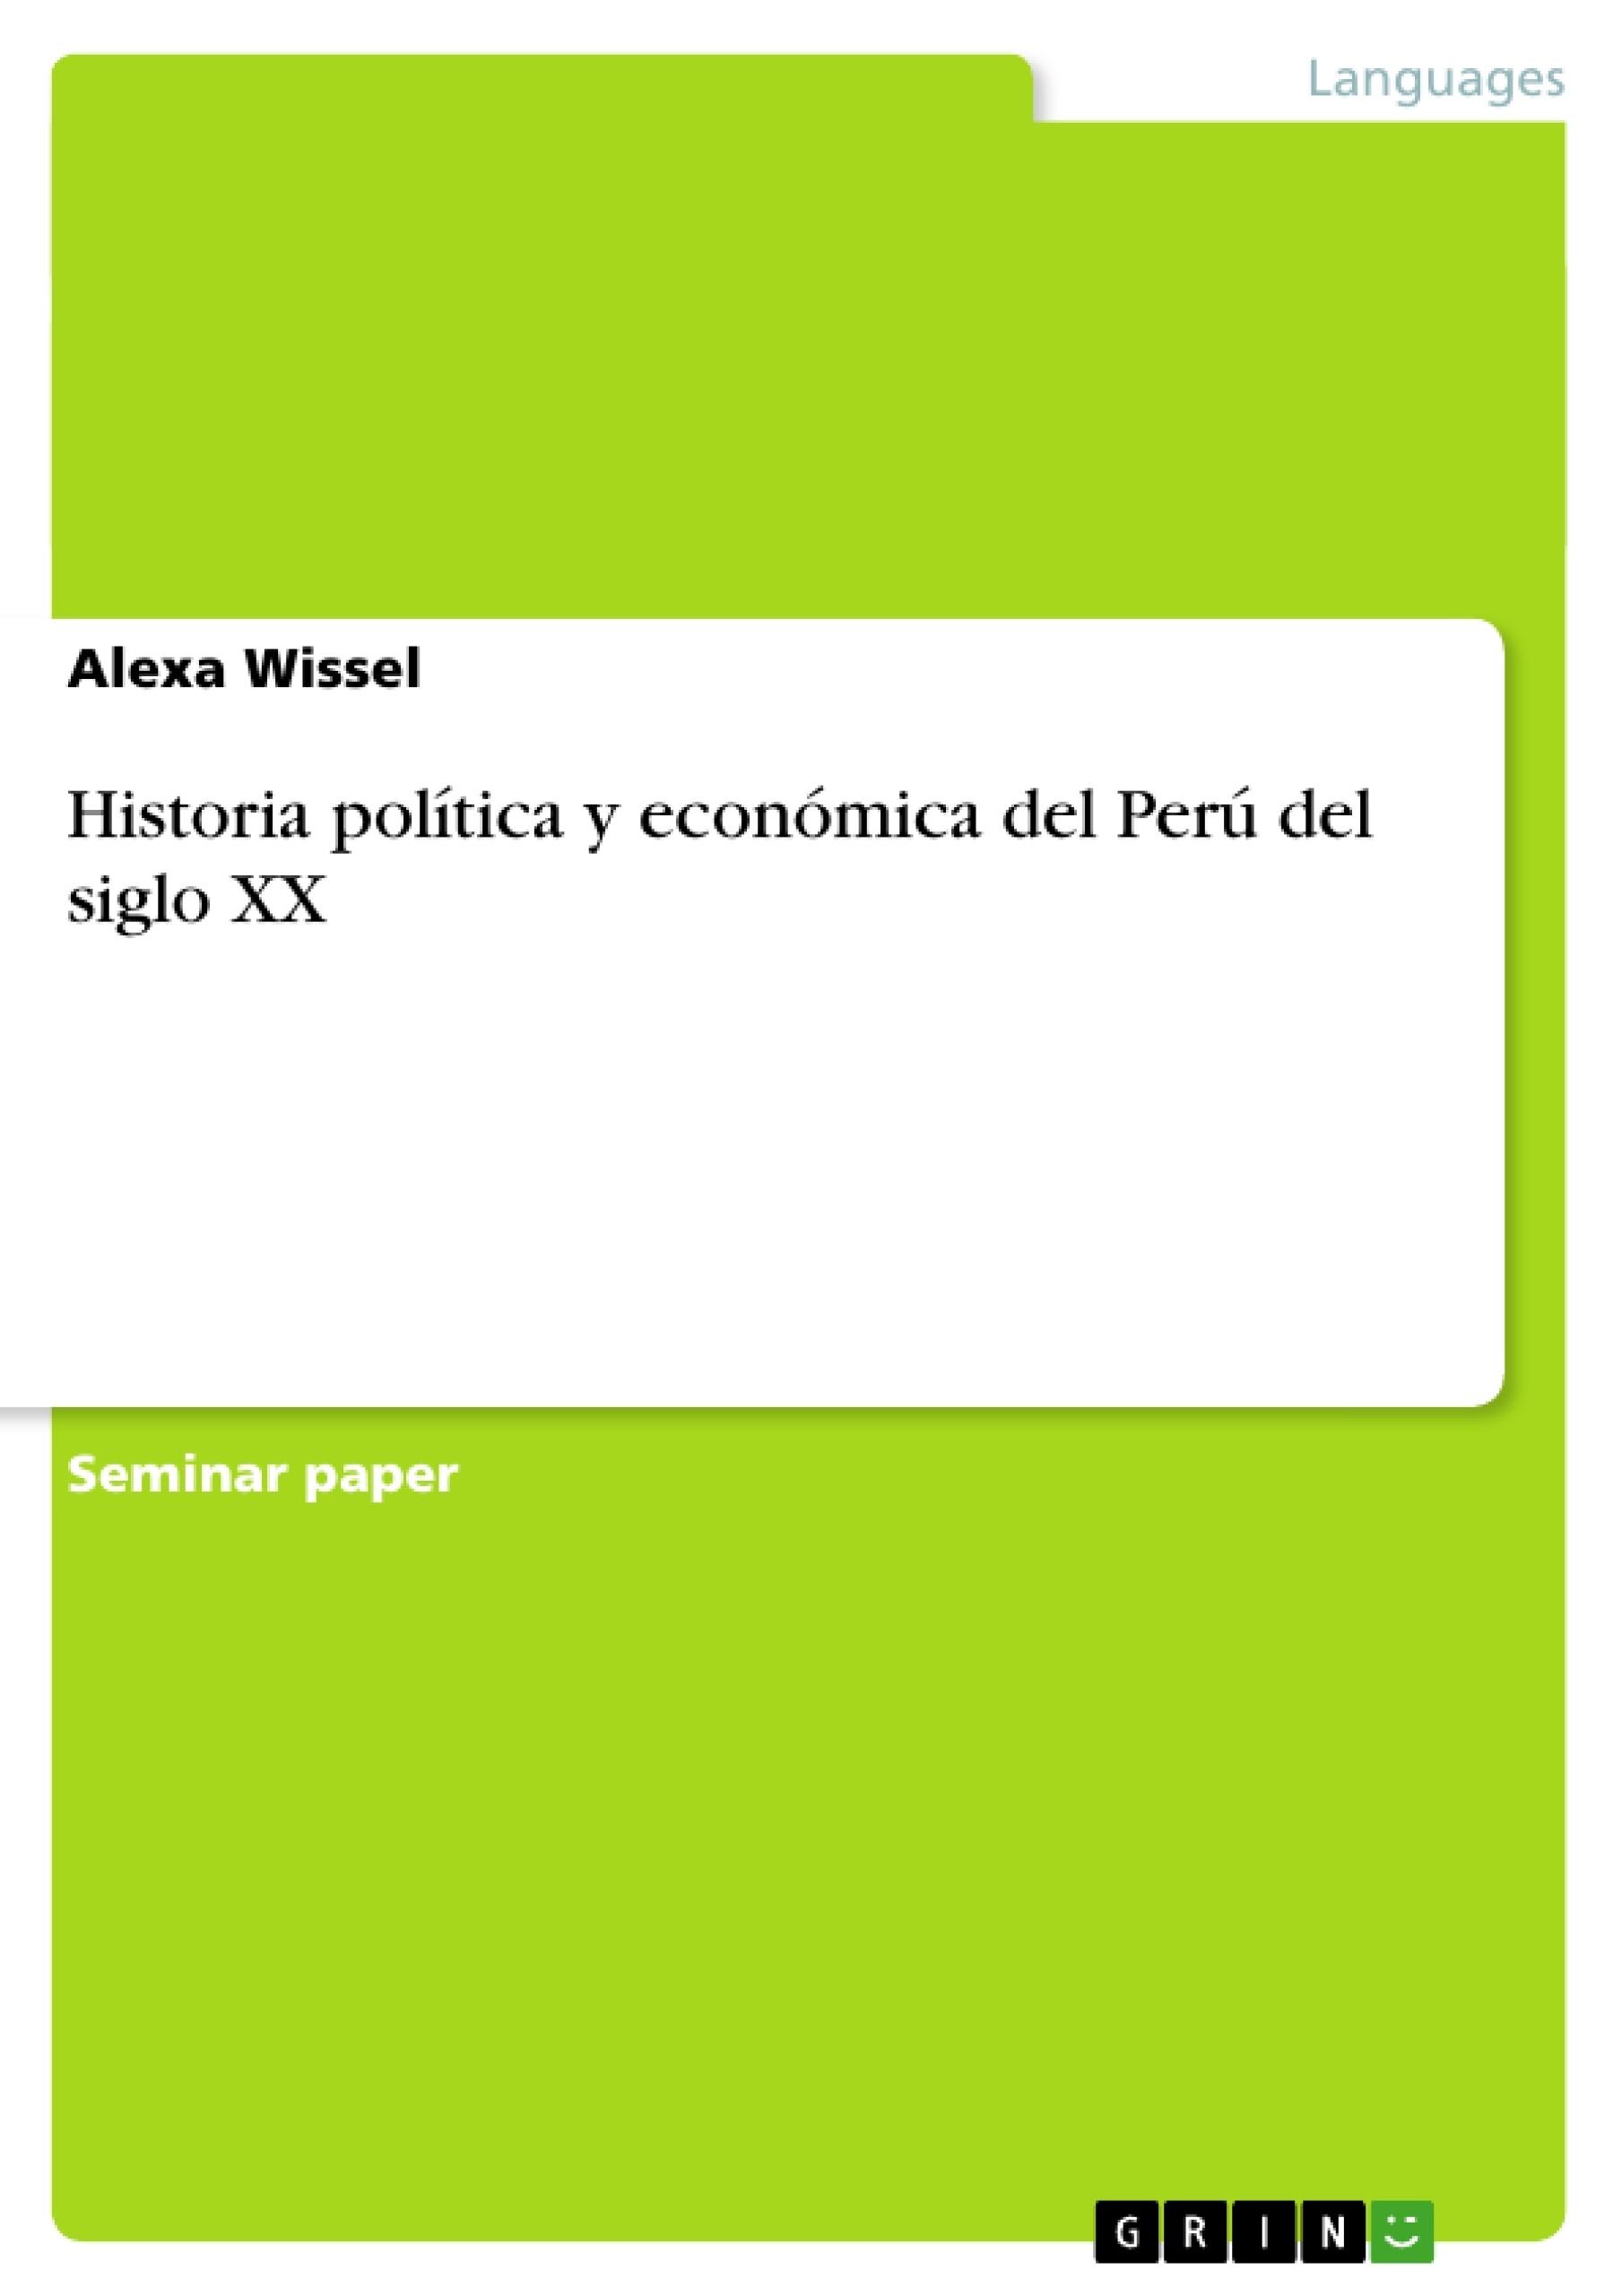 Título: Historia política y económica del Perú del siglo XX